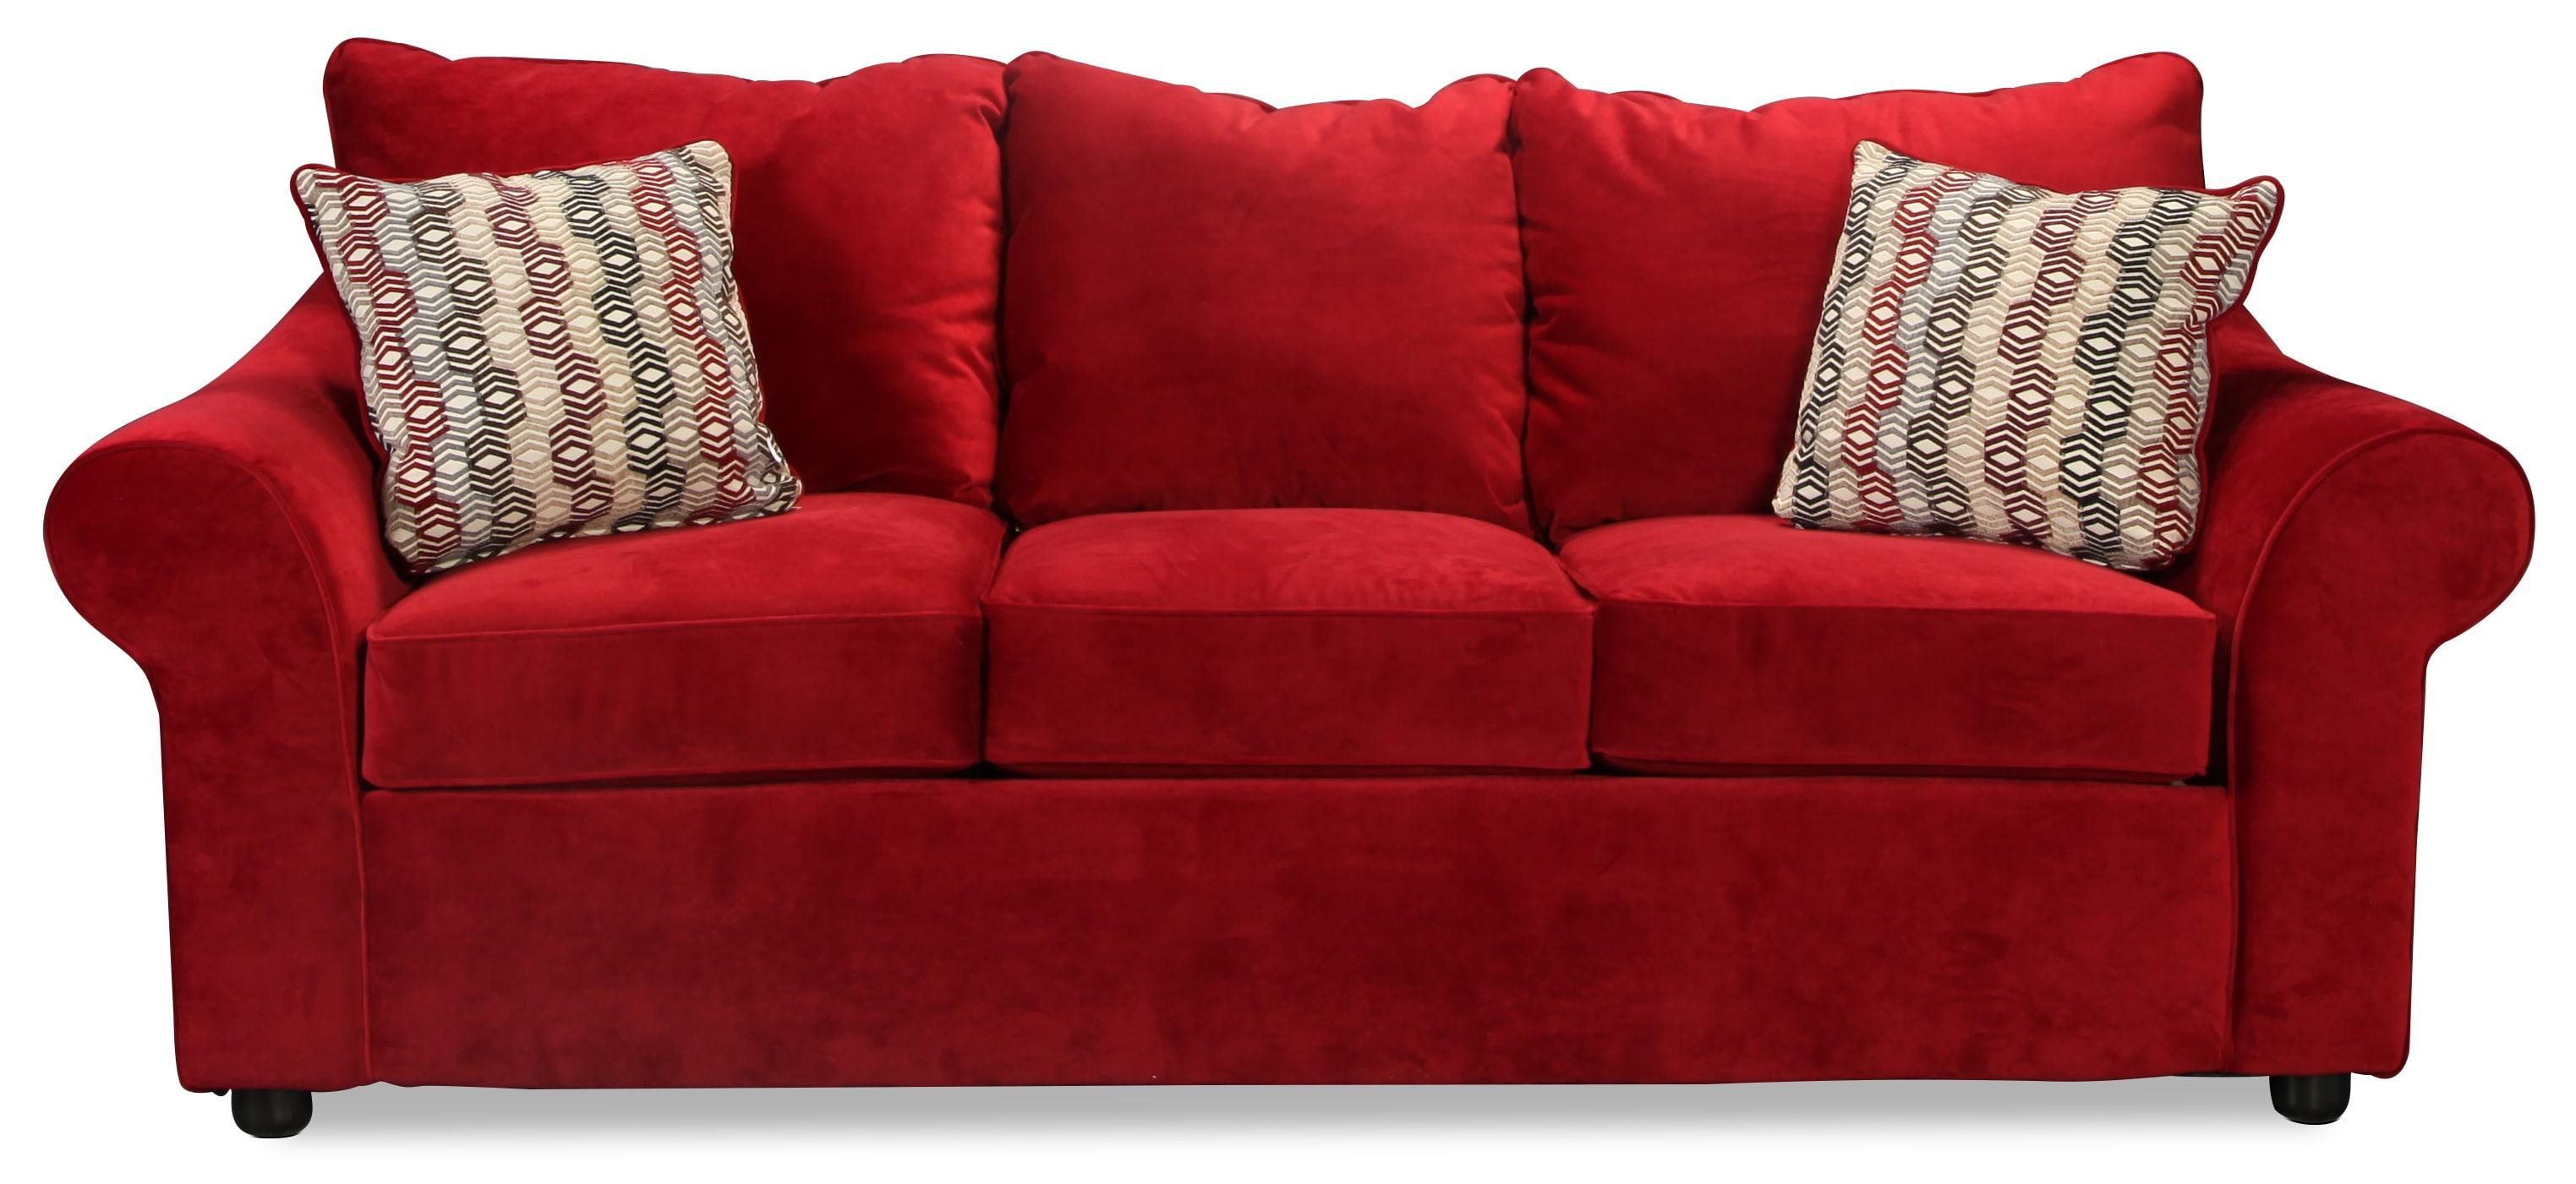 Zayne Sleeper Sofa